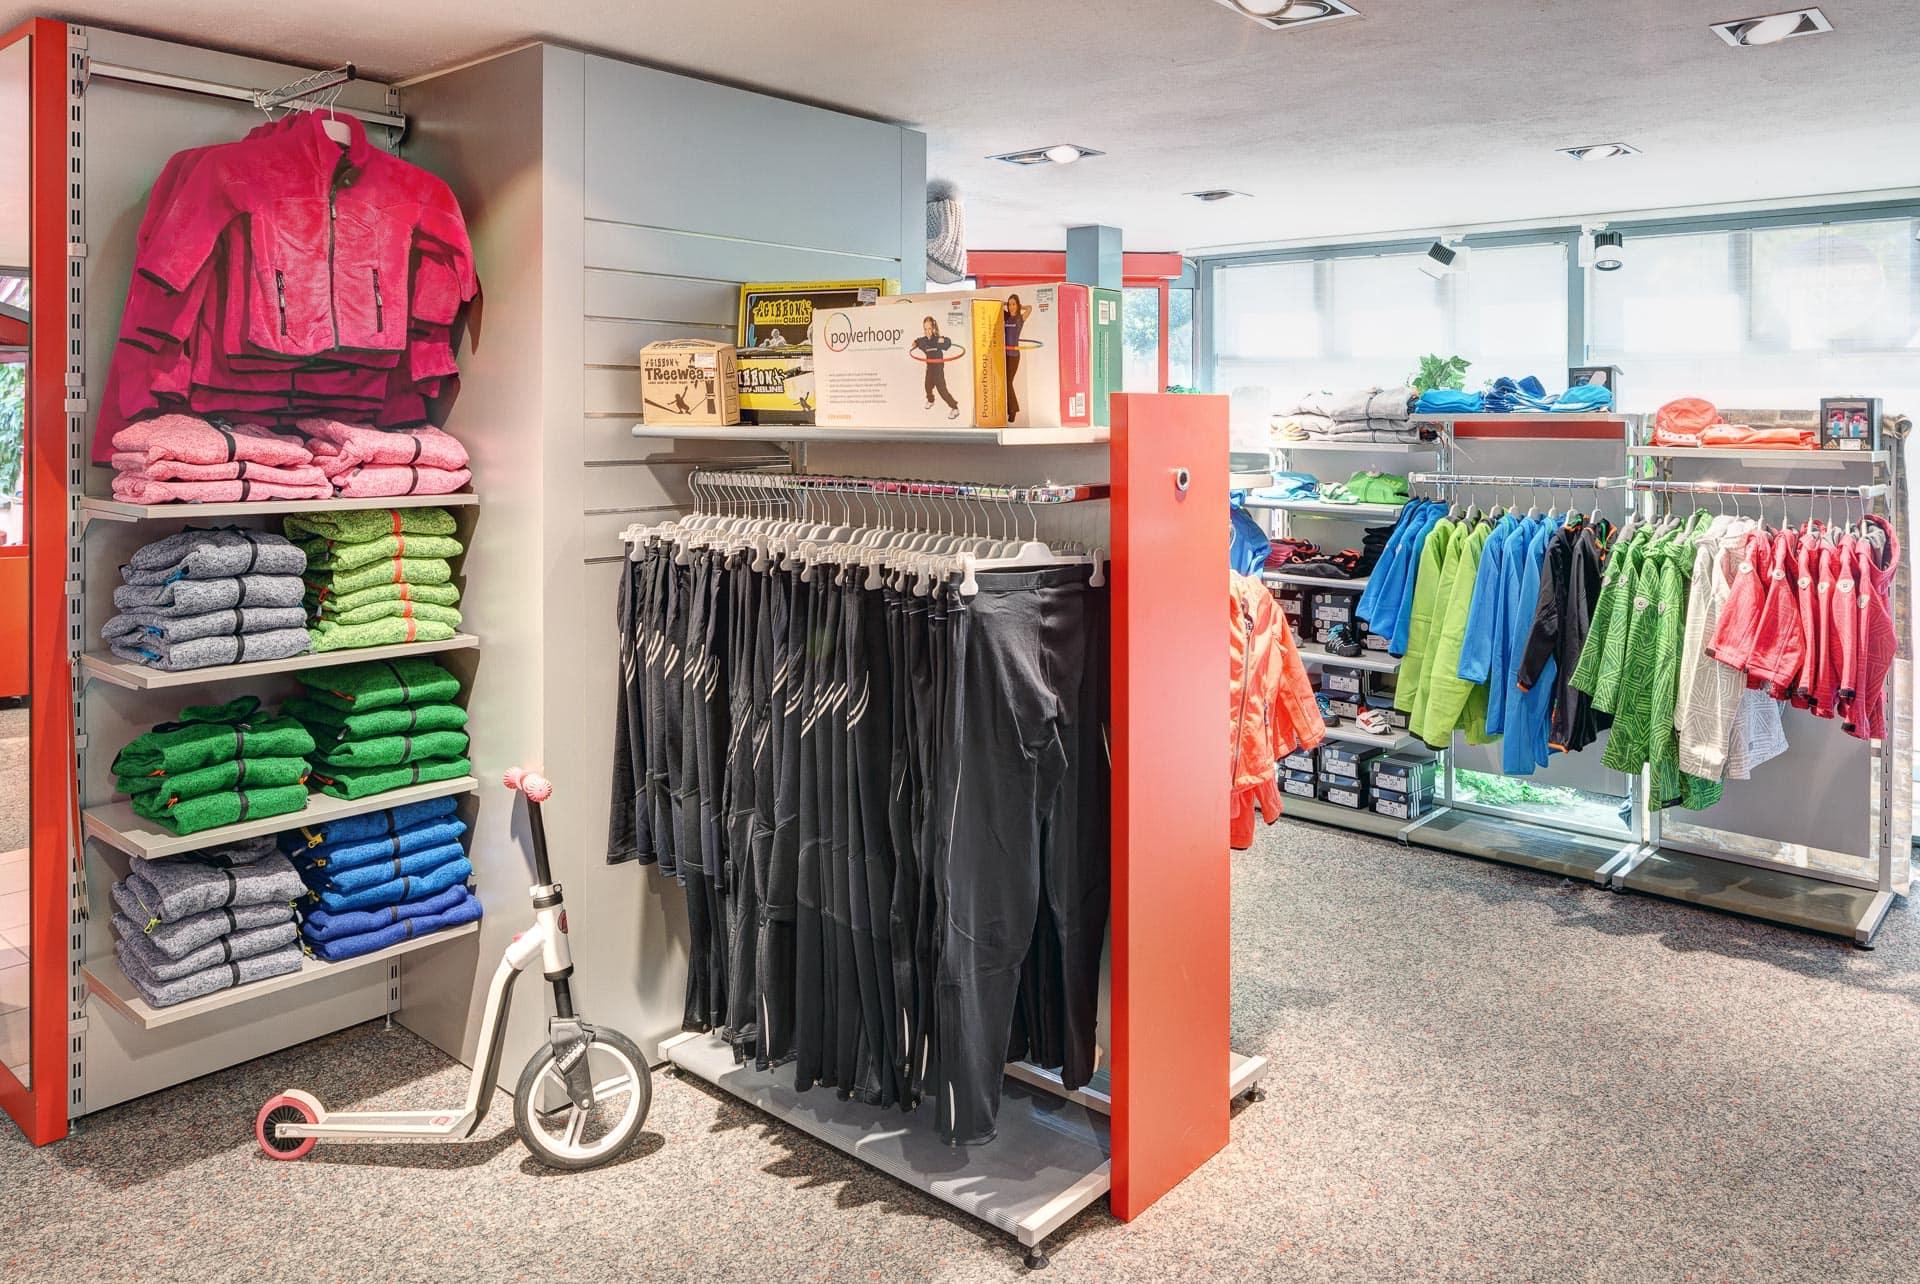 Retail-Fotografie auch in kleineren Geschäften